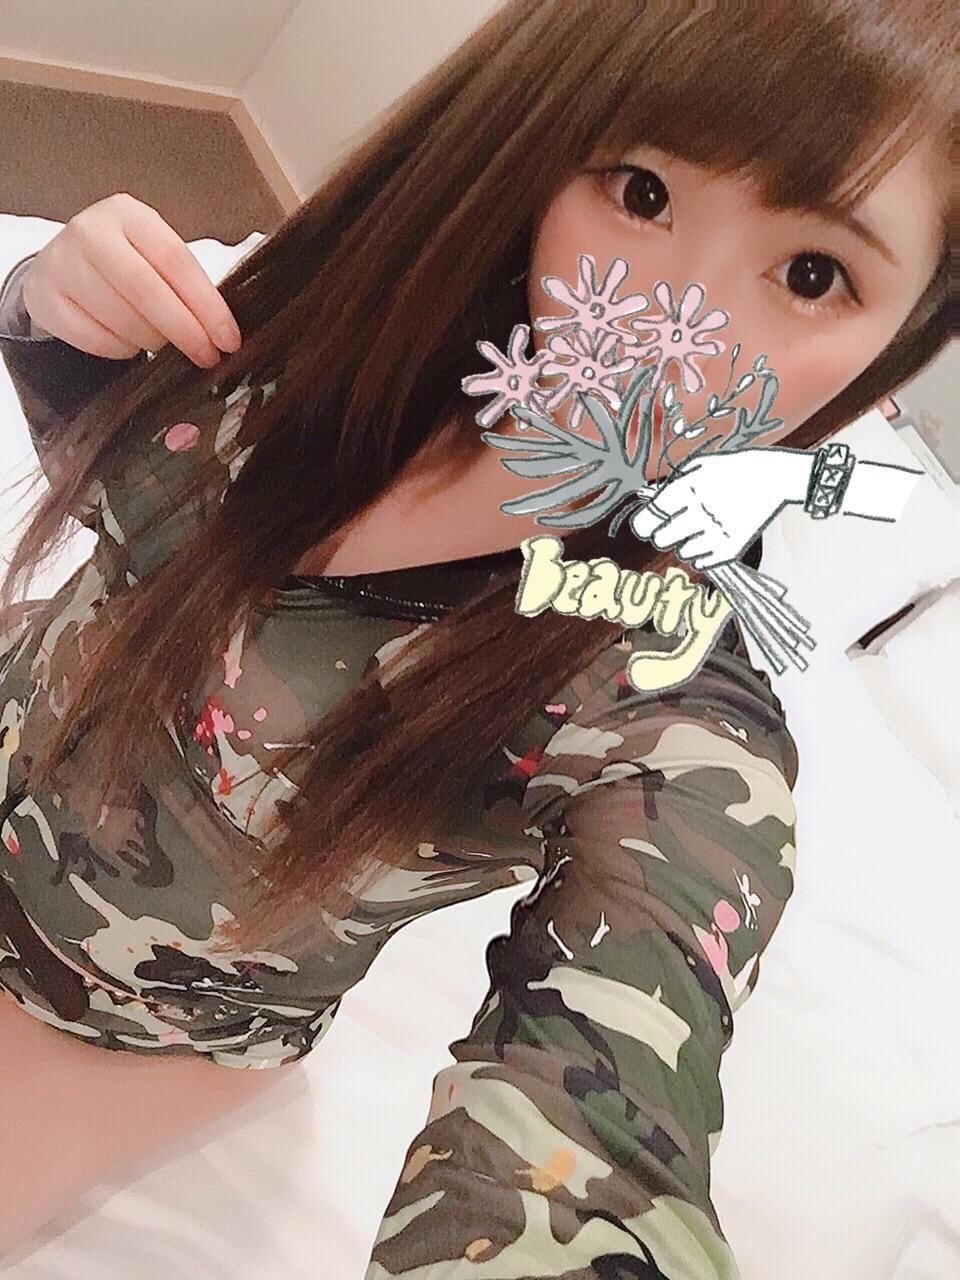 「おやすみー!」02/18日(月) 02:57 | たまきの写メ・風俗動画